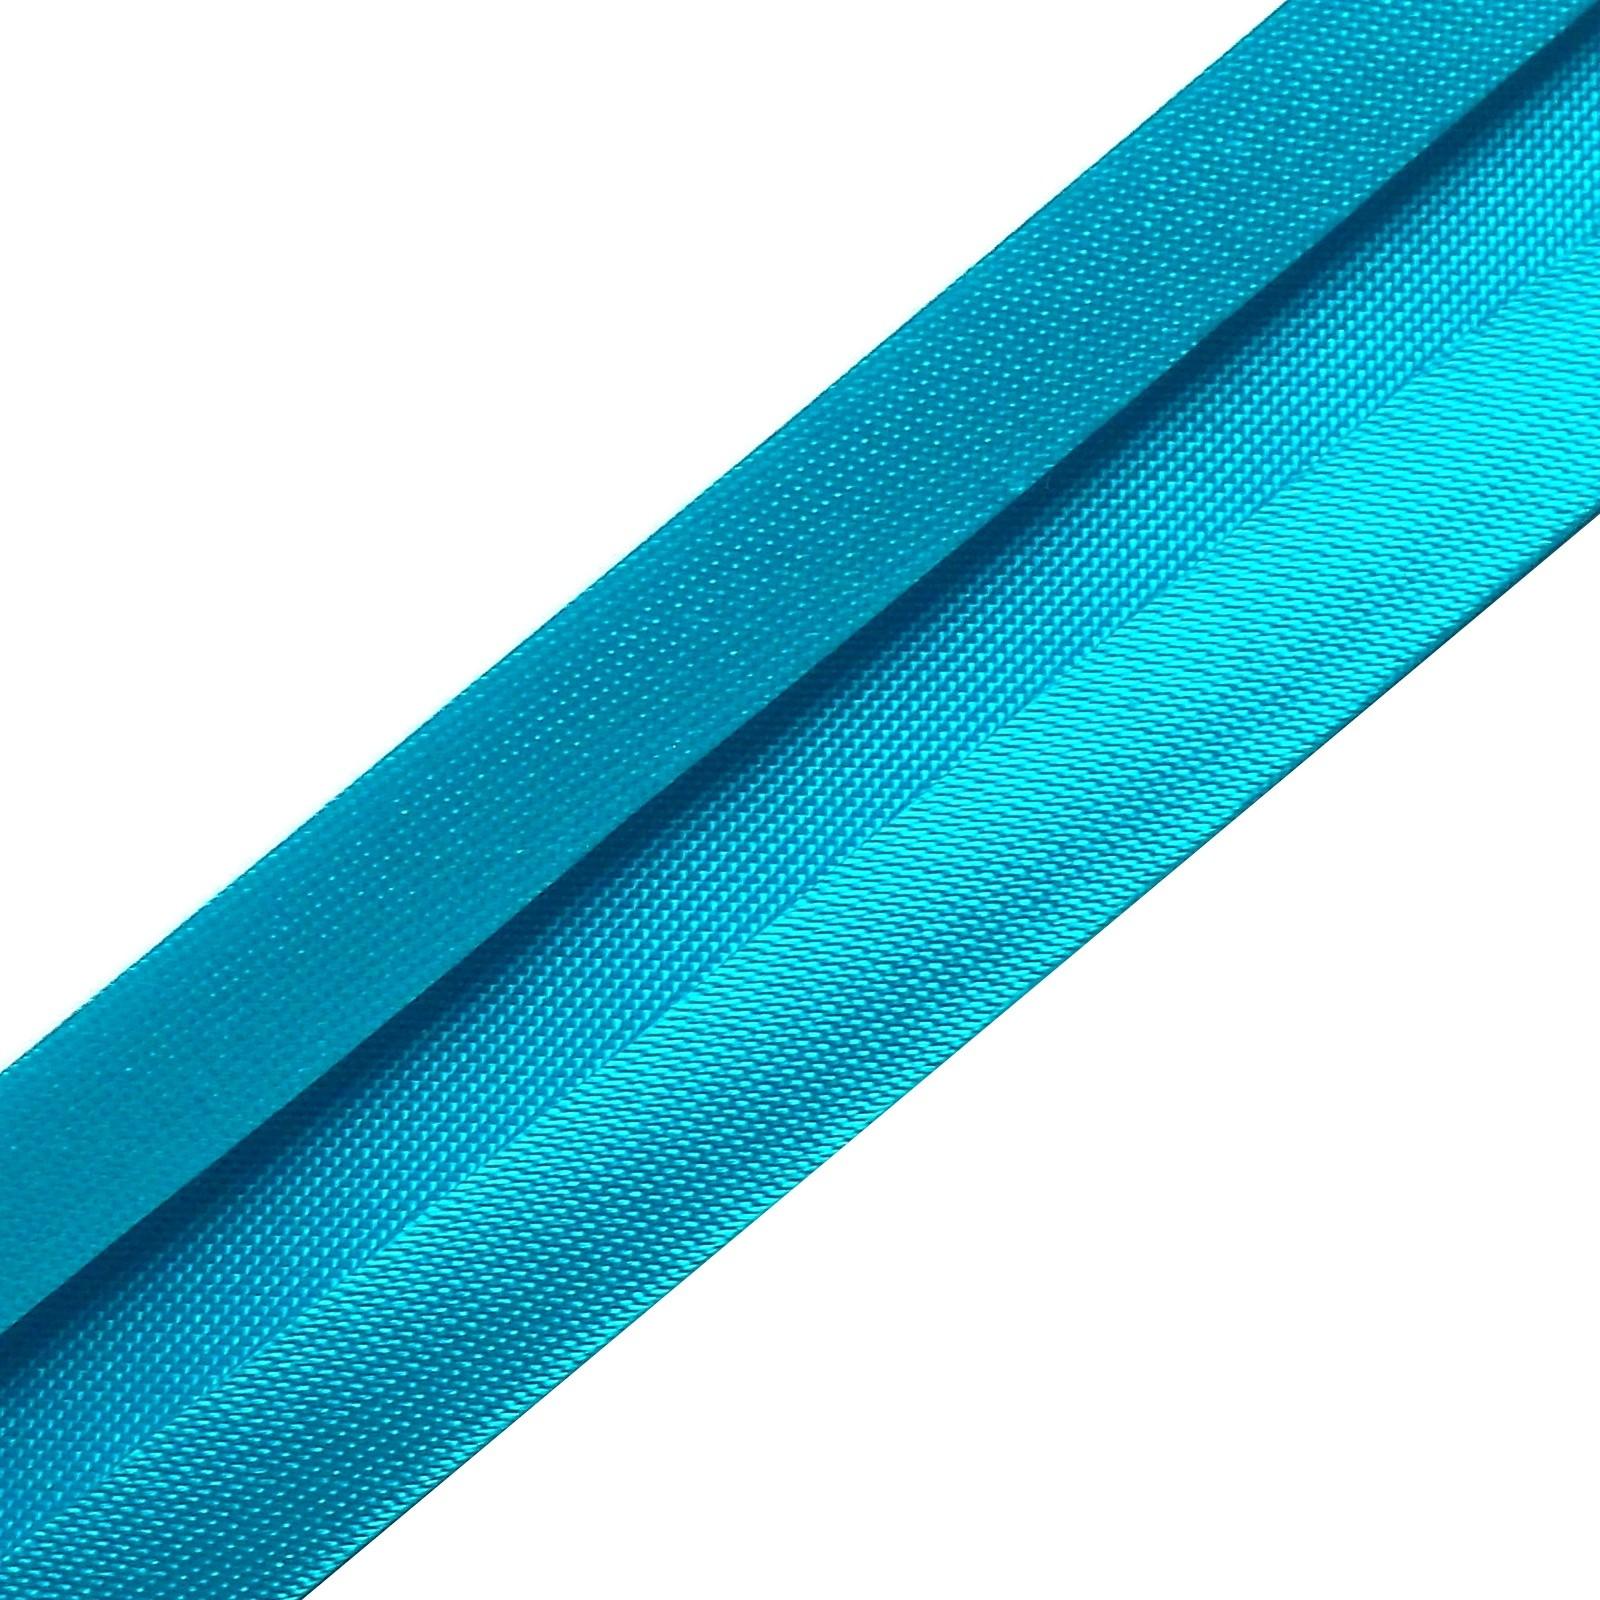 Satin Bias Binding 19mm wide Deep Turquoise 3 metre length